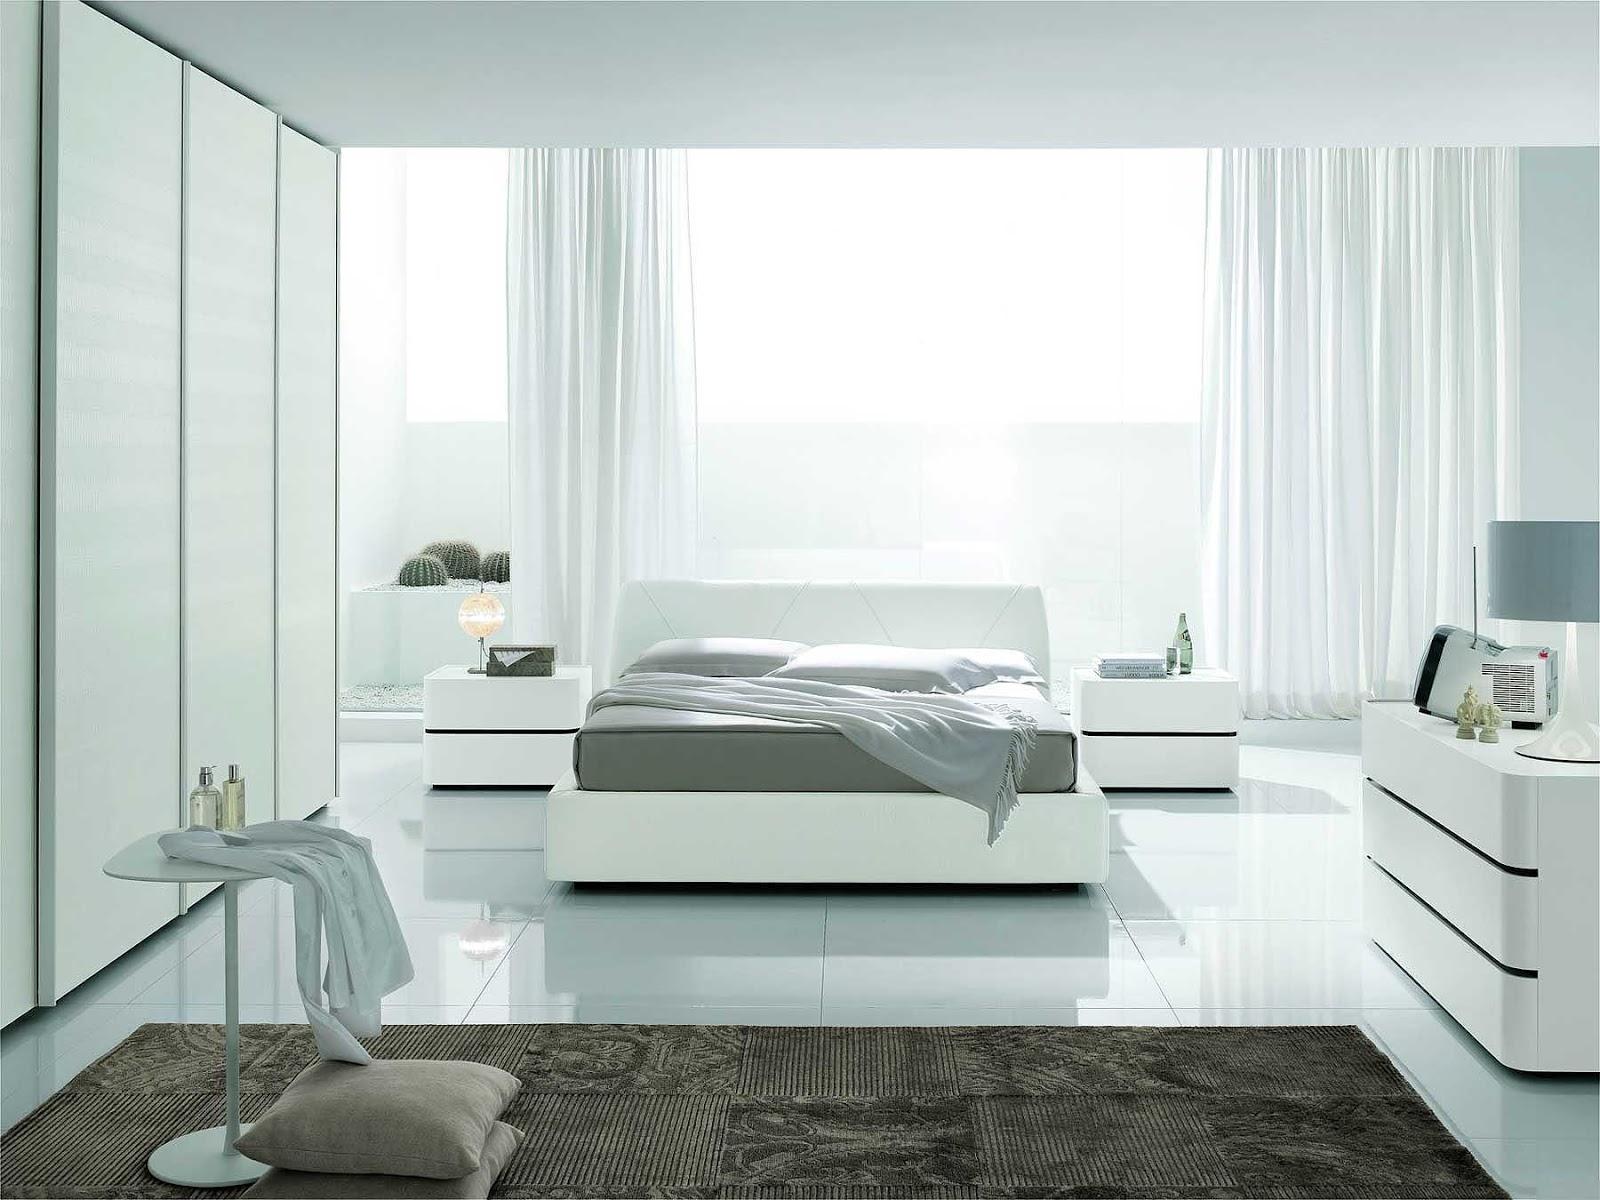 بالصور غرف نوم بيضاء , الابيض في غرفه نوم اجمل 1339 4